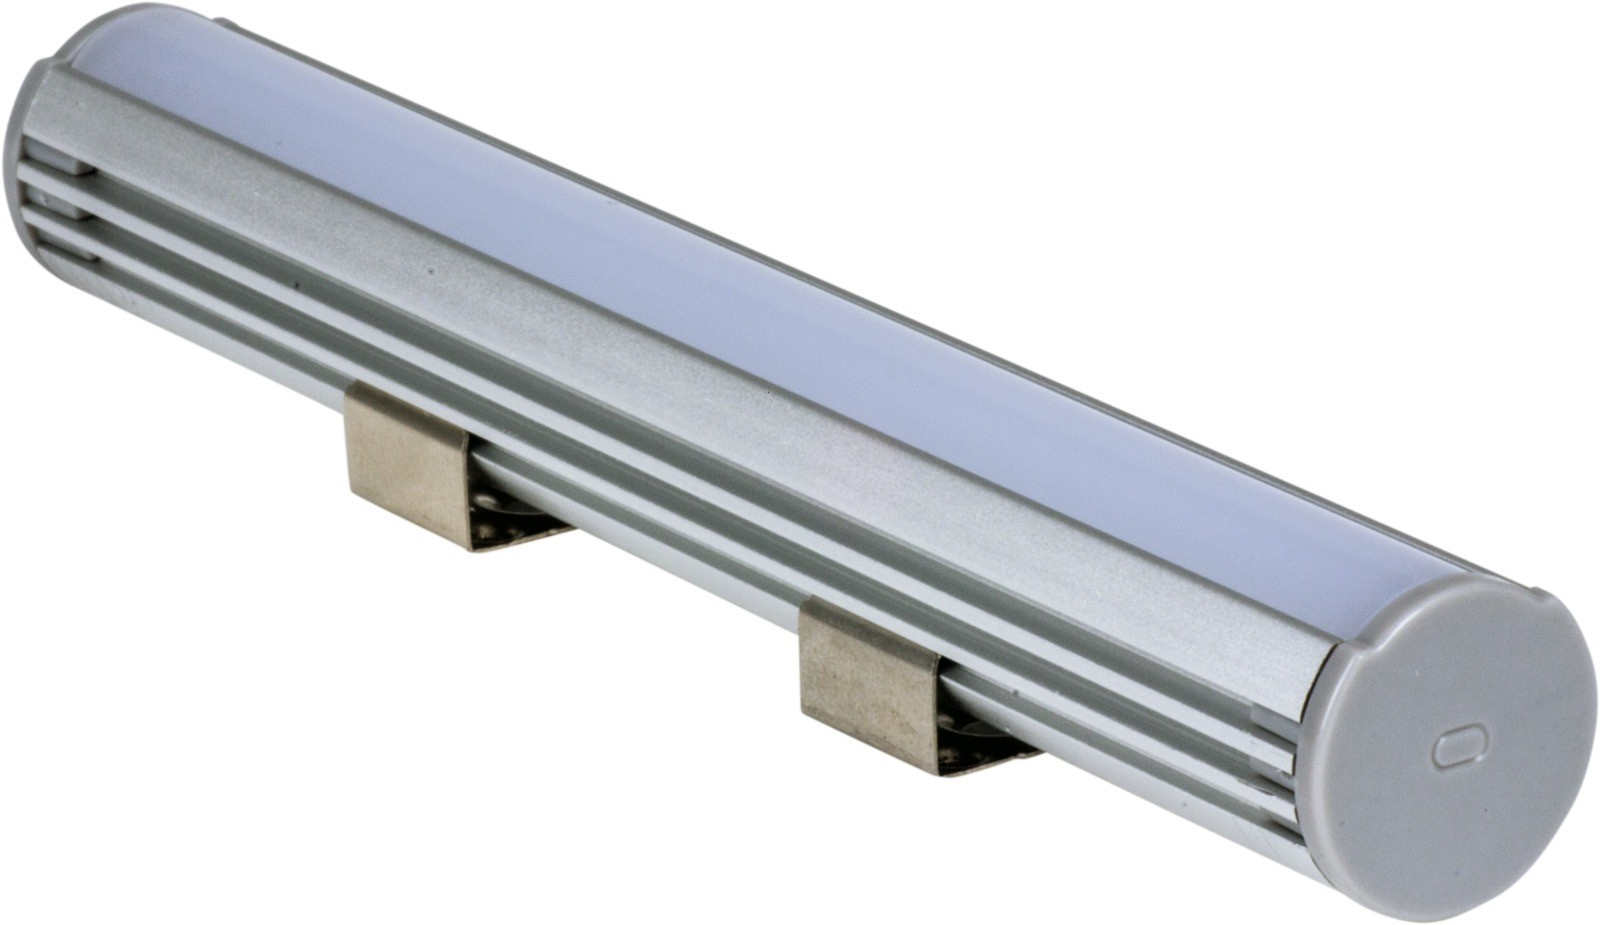 1_LED,Aluminiumprofil,Alu,Aluminium,rund,Heitronic,24406,4002940244069